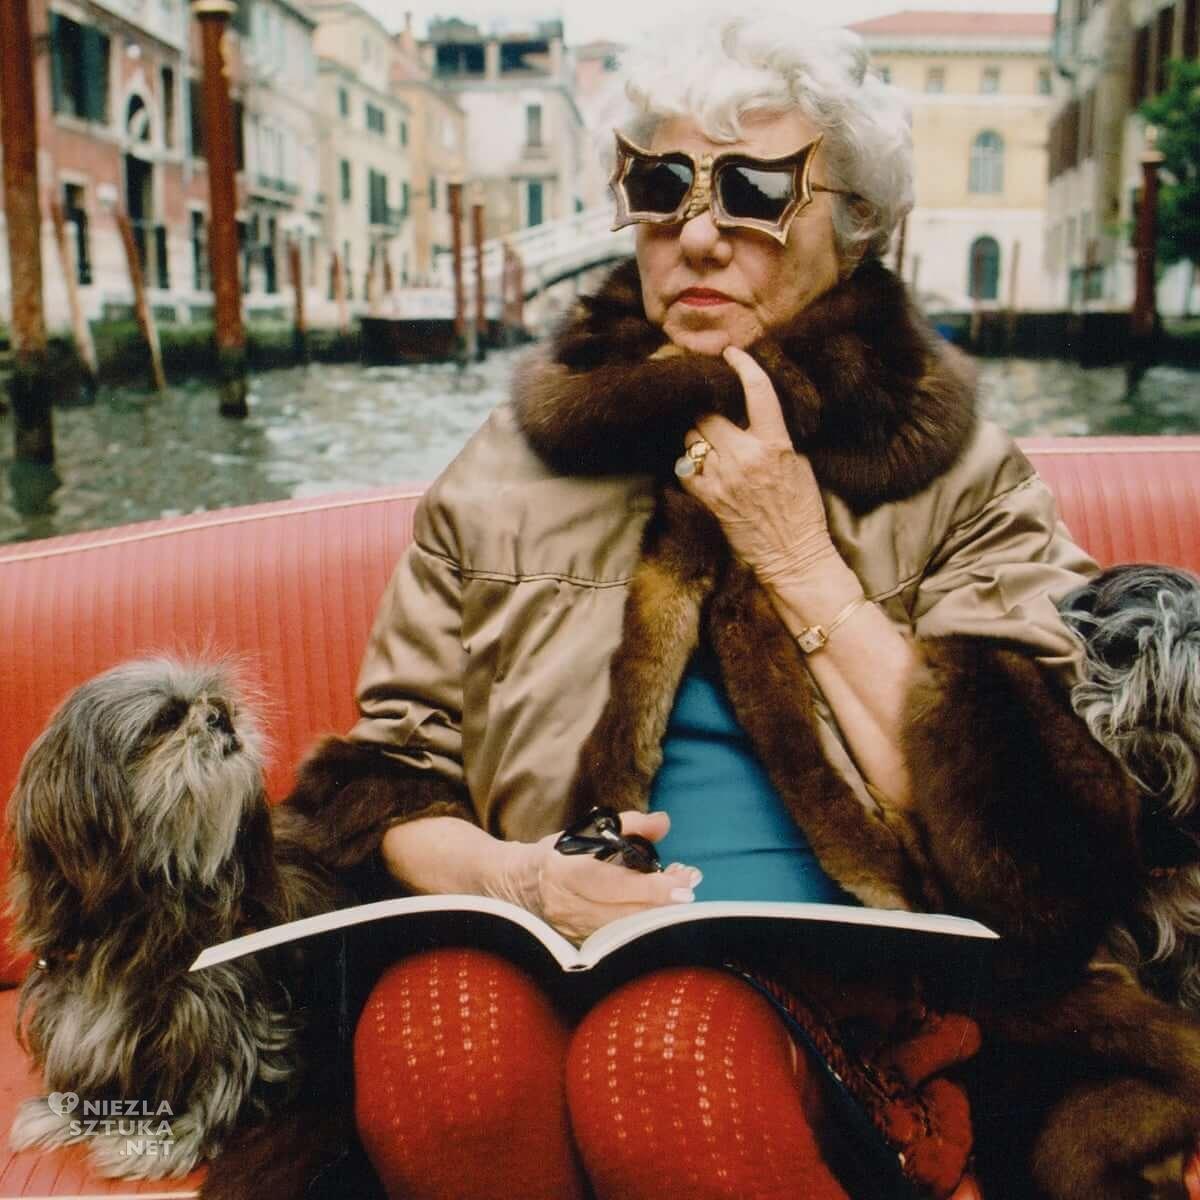 Stefan Moses, Peggy Guggenheim, Wenecja, kolekcjonerka sztuka, Niezła Sztuka